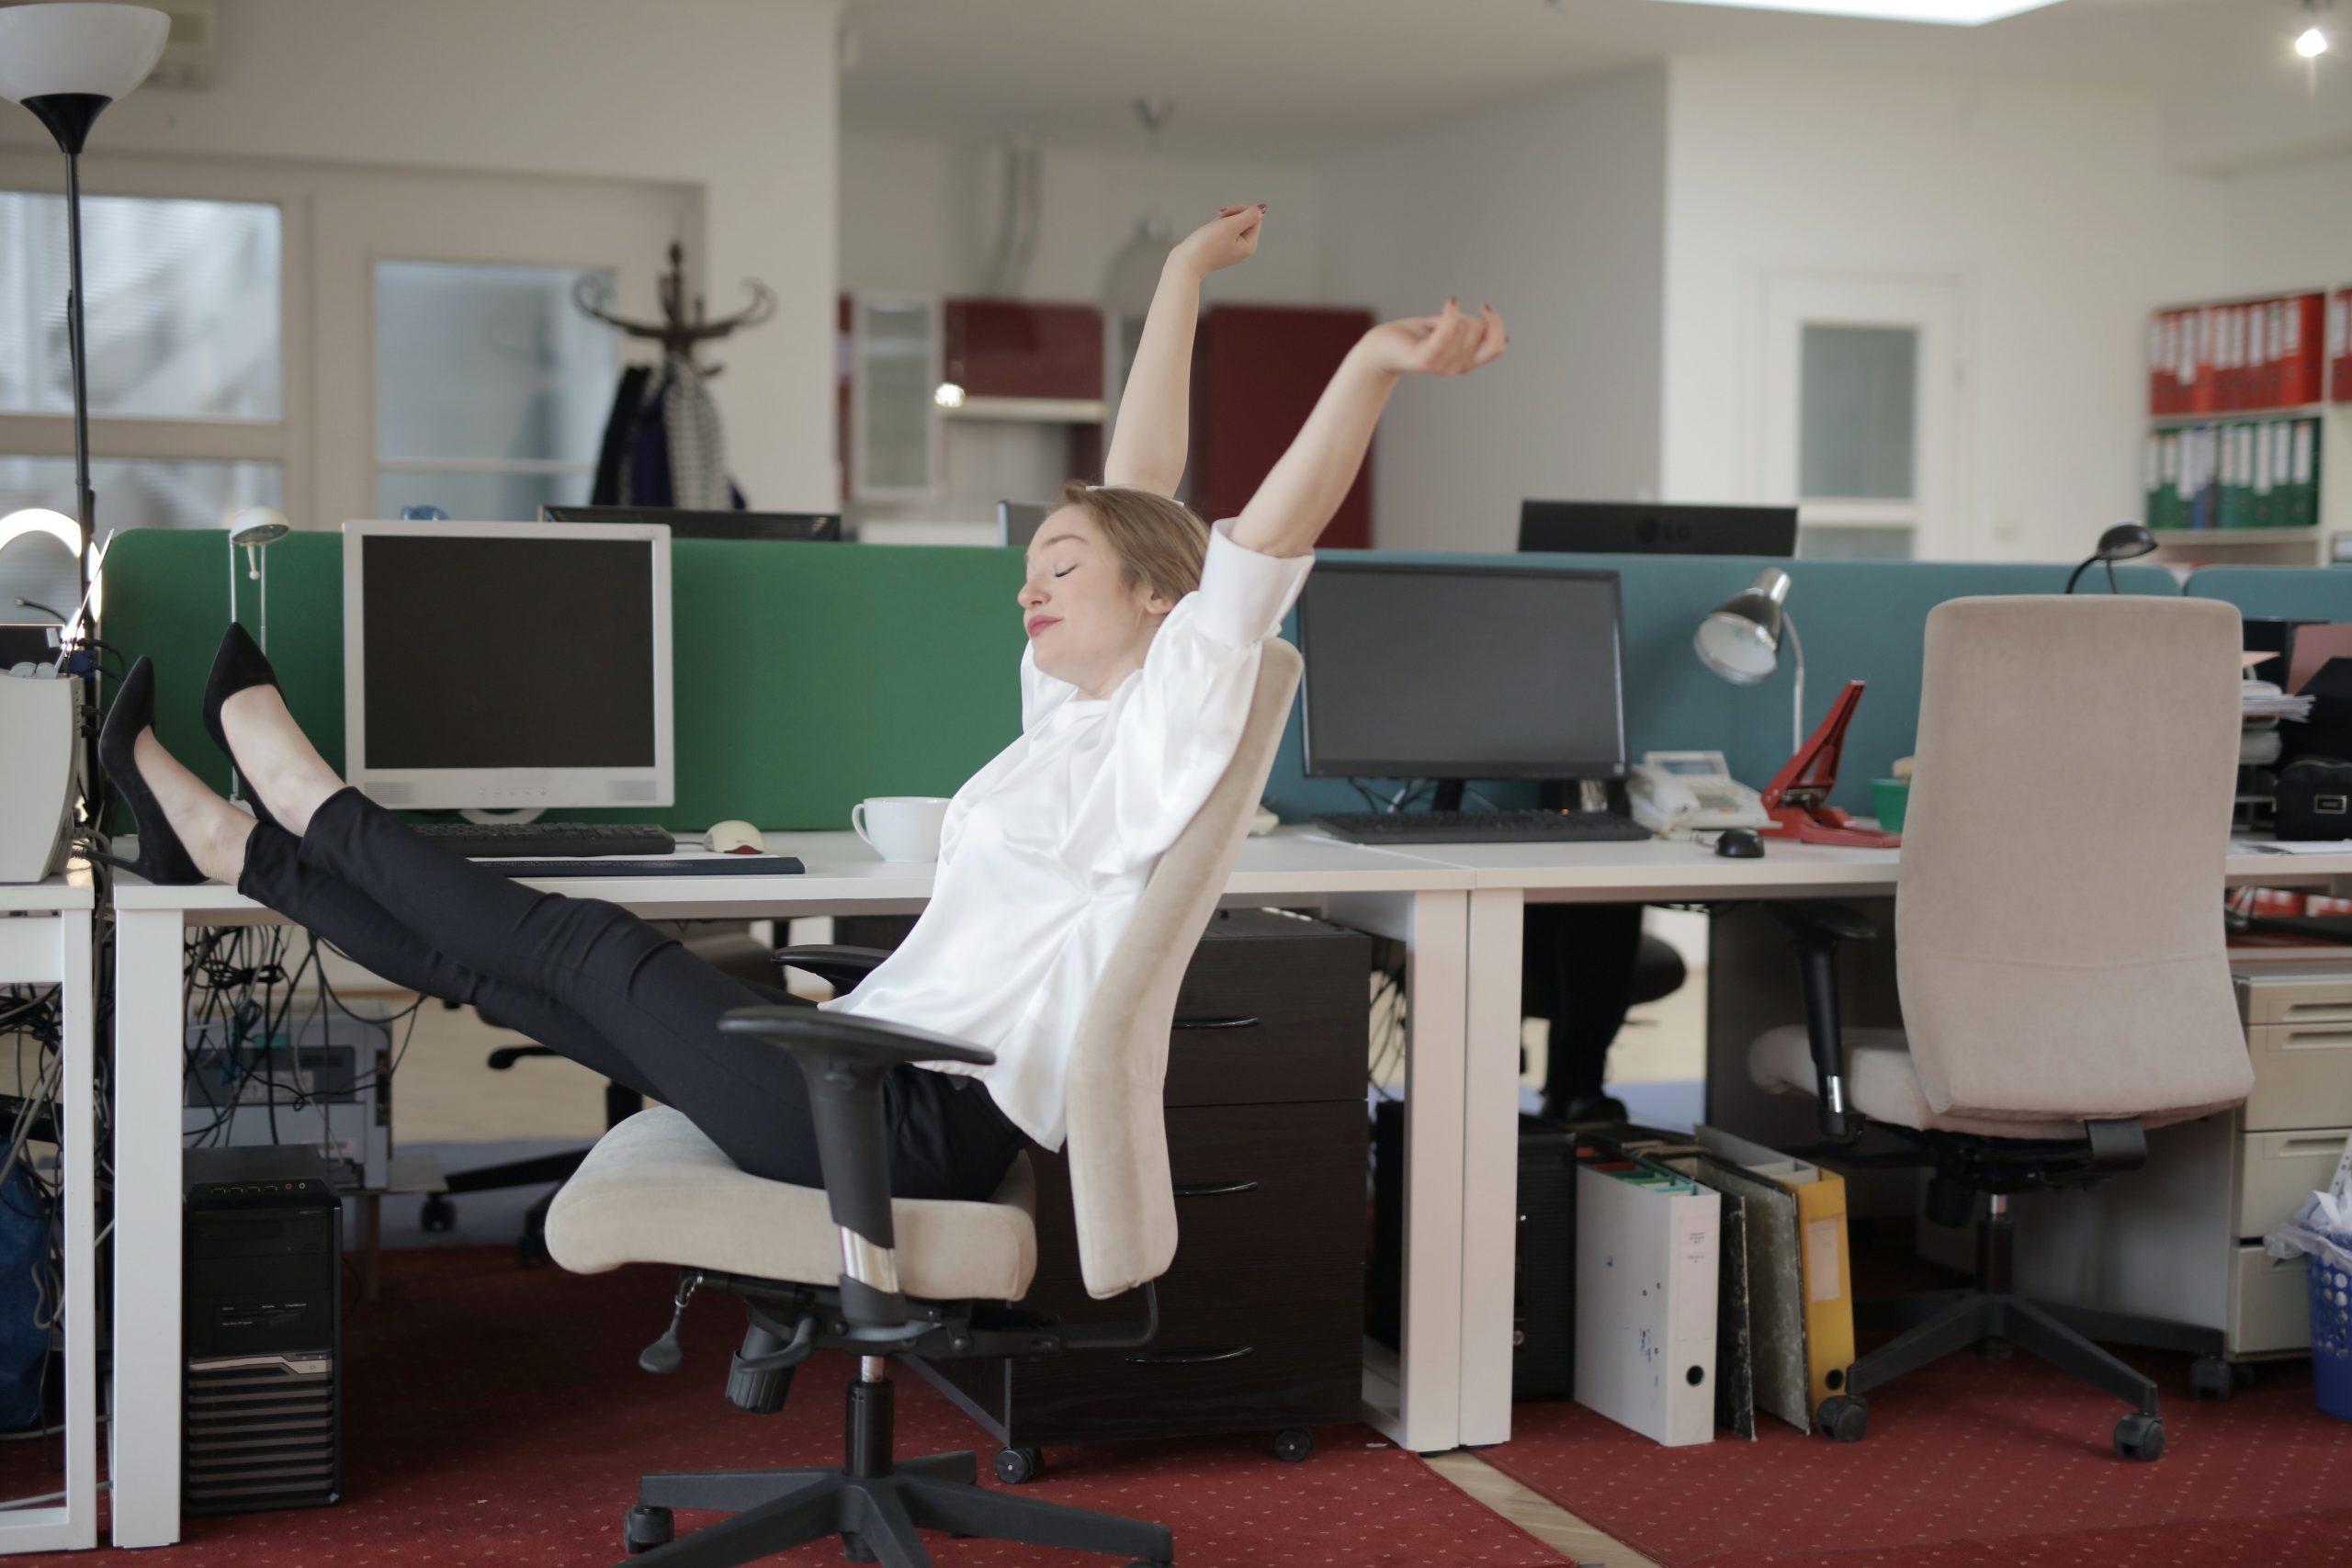 ¿Cómo gestionar el descanso en el trabajo?